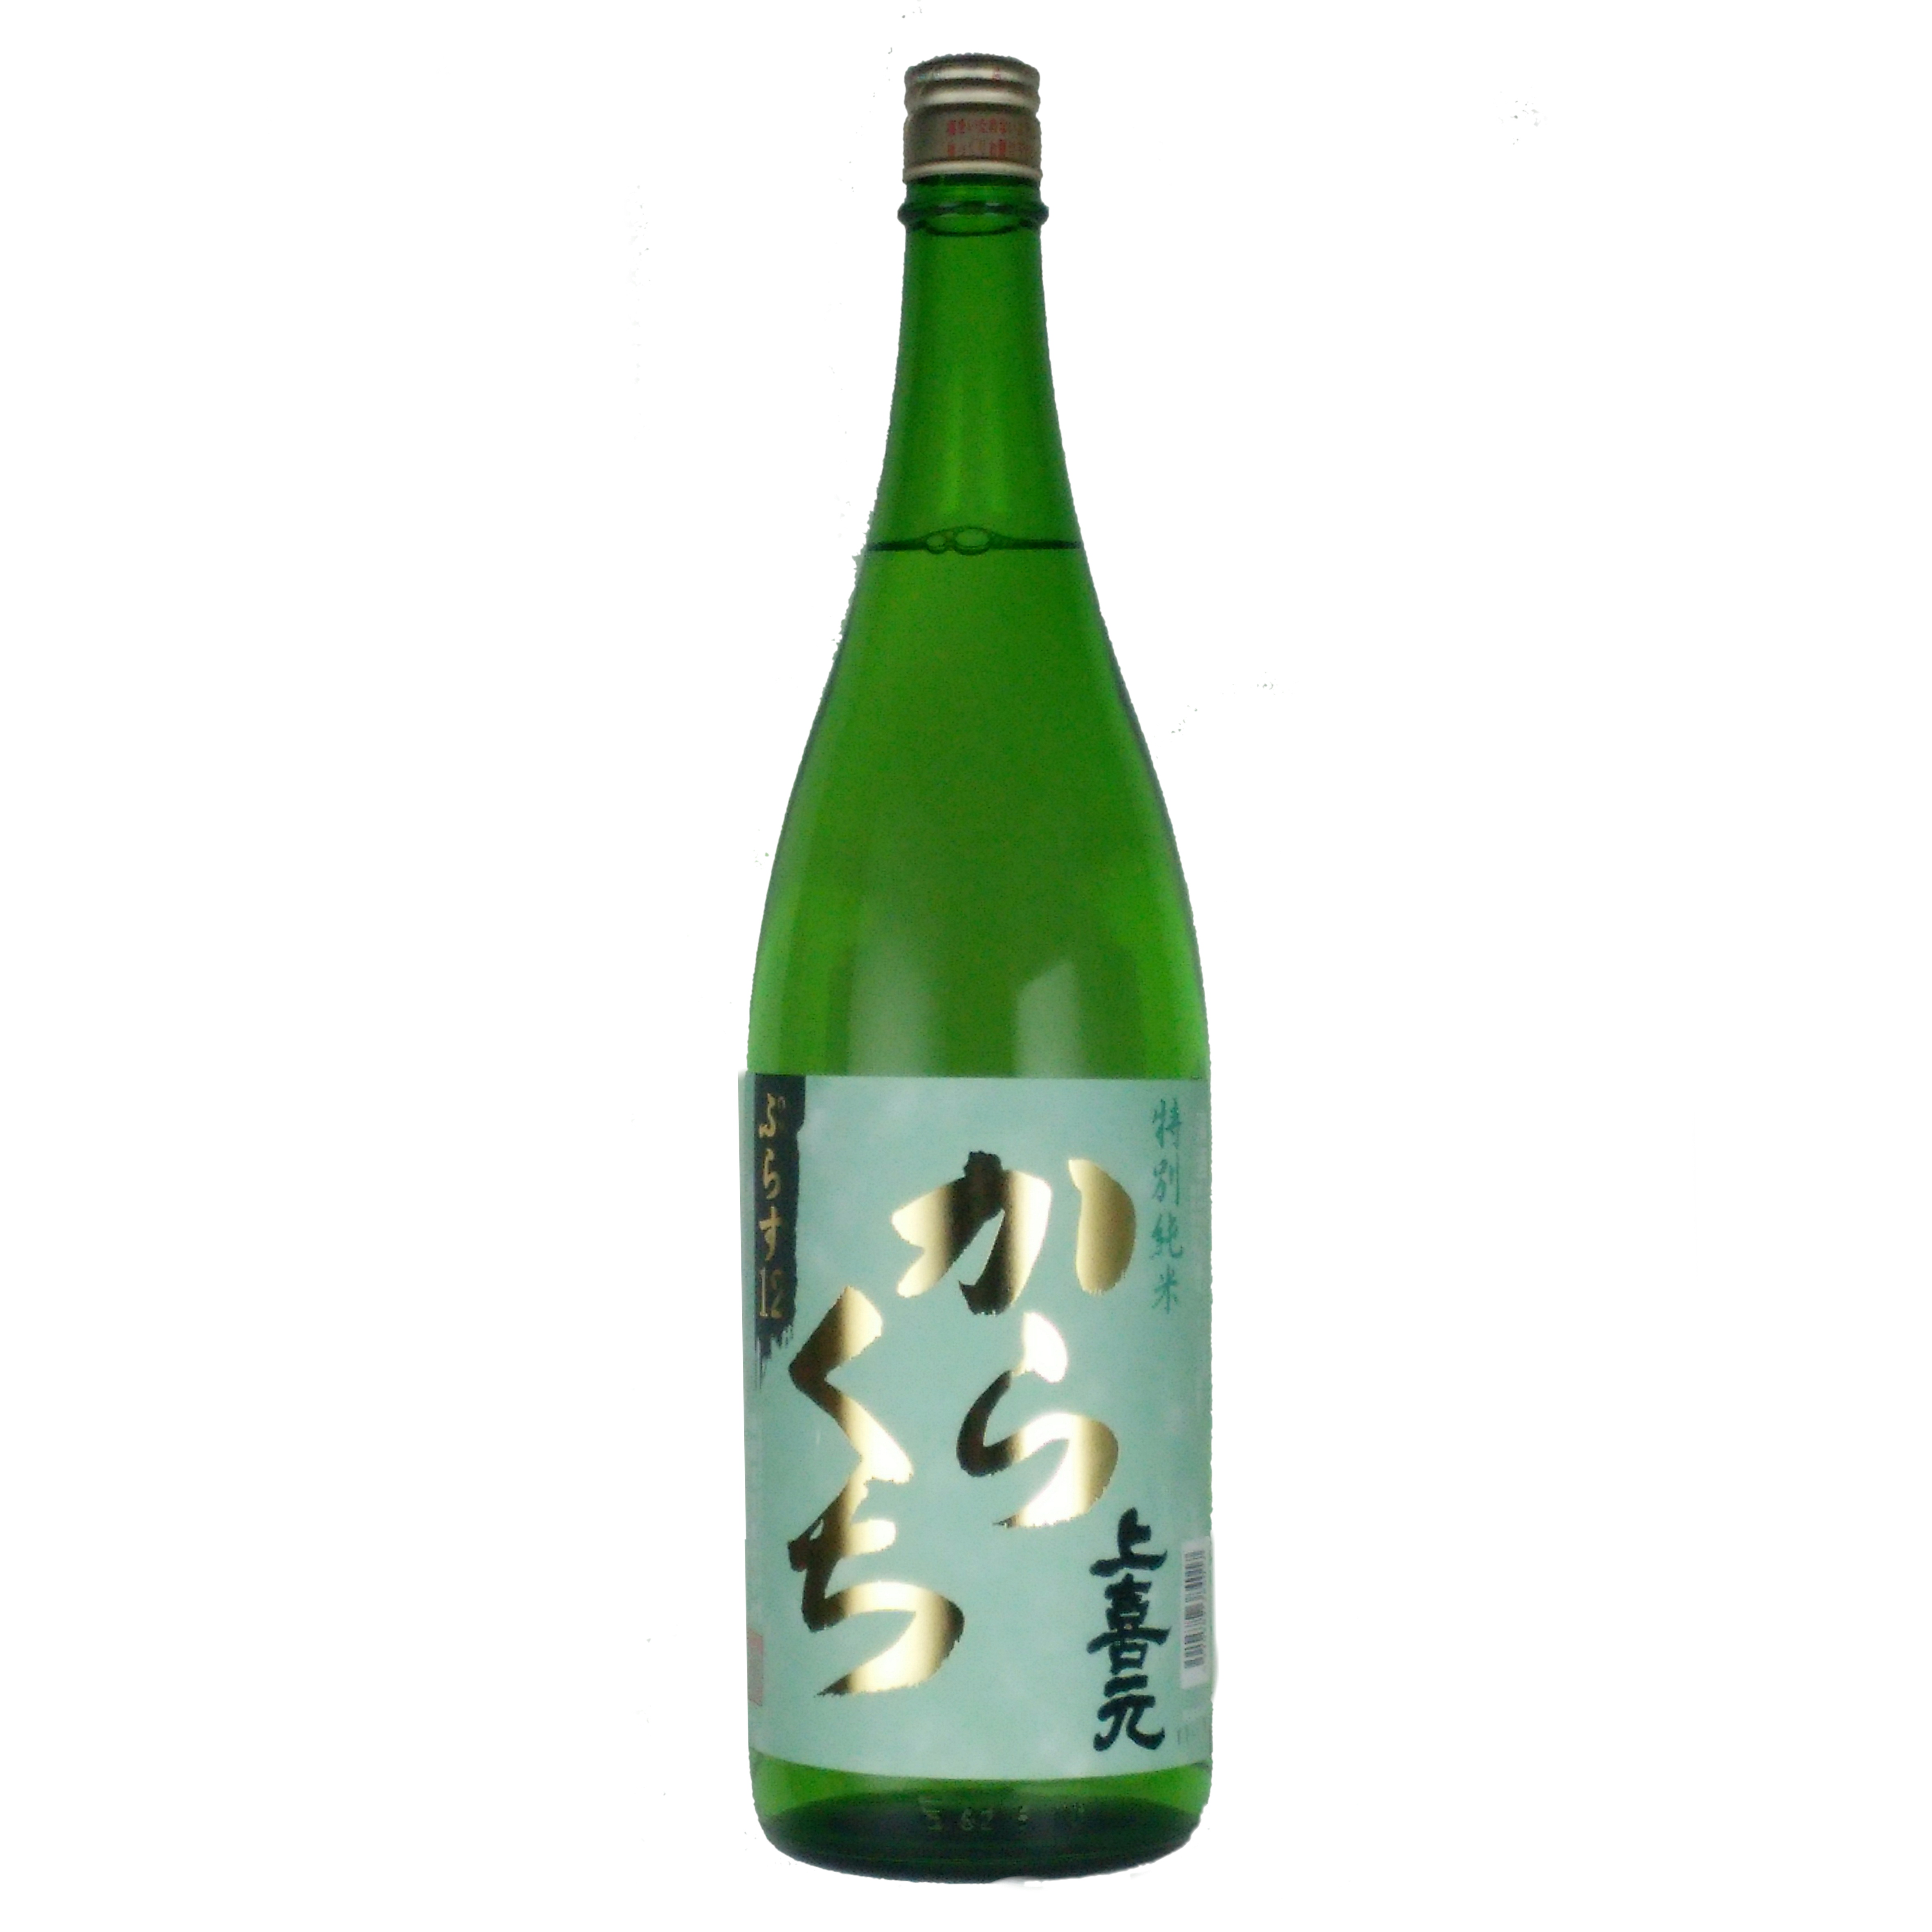 上喜元 特別純米 からくち ぷらす12 1800ml